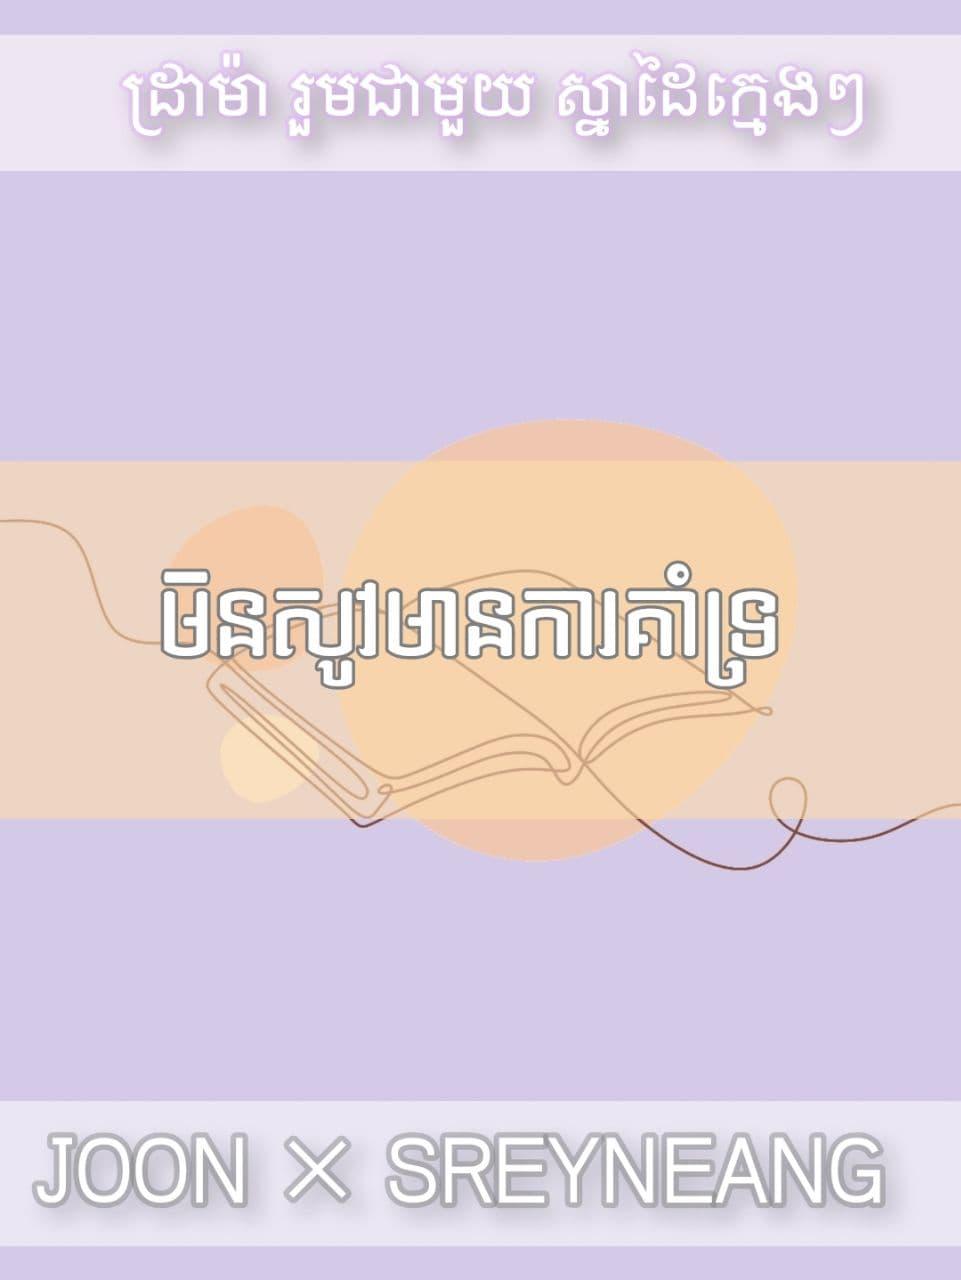 Photo_2021 09 26_19 03 36